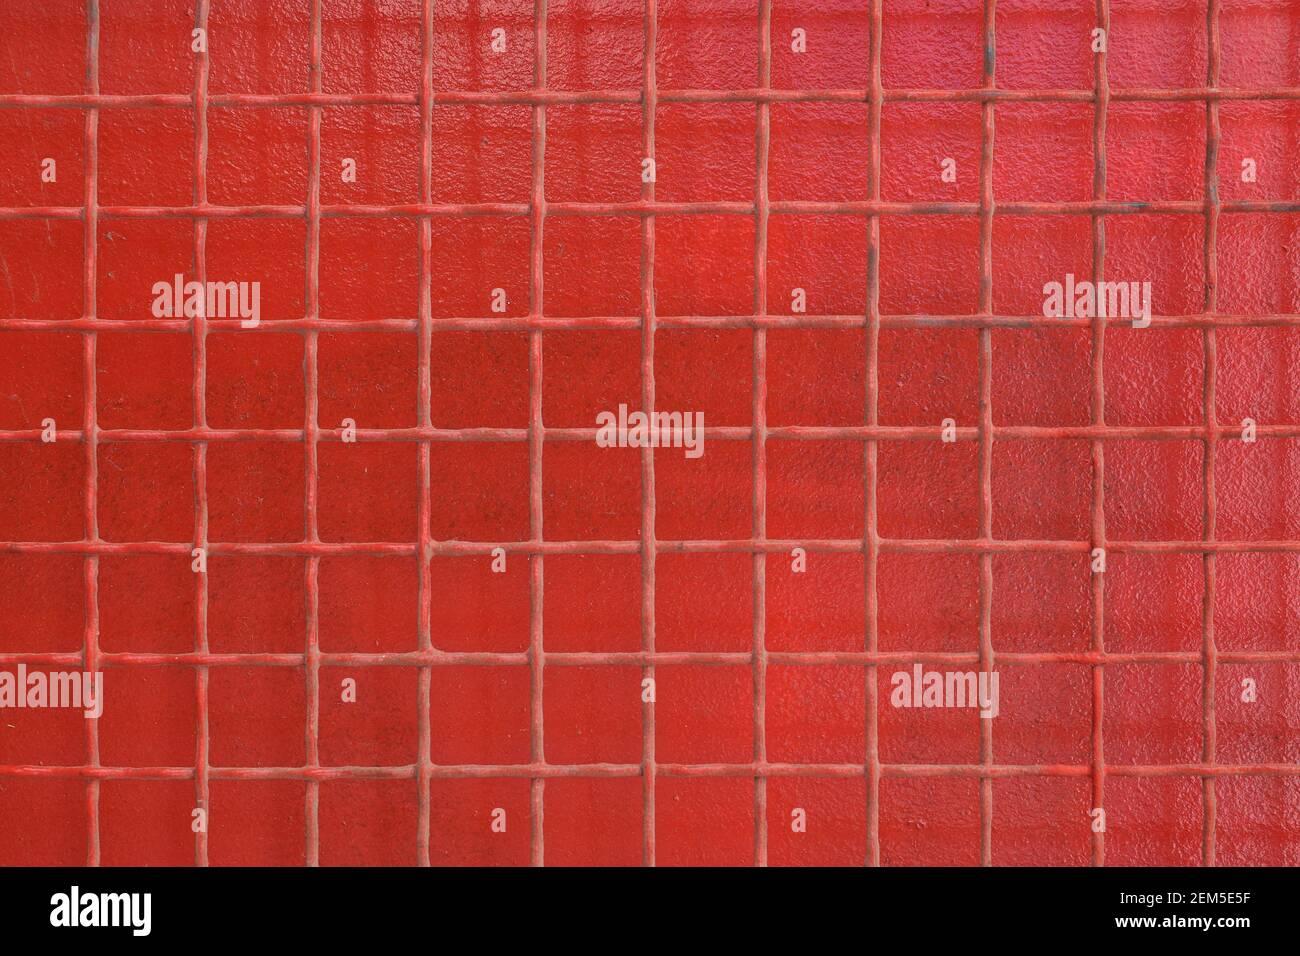 Rejilla de alambre de hierro oxidado cuadrados patrón sobre fondo de metal pintado de color rojo. Foto de stock